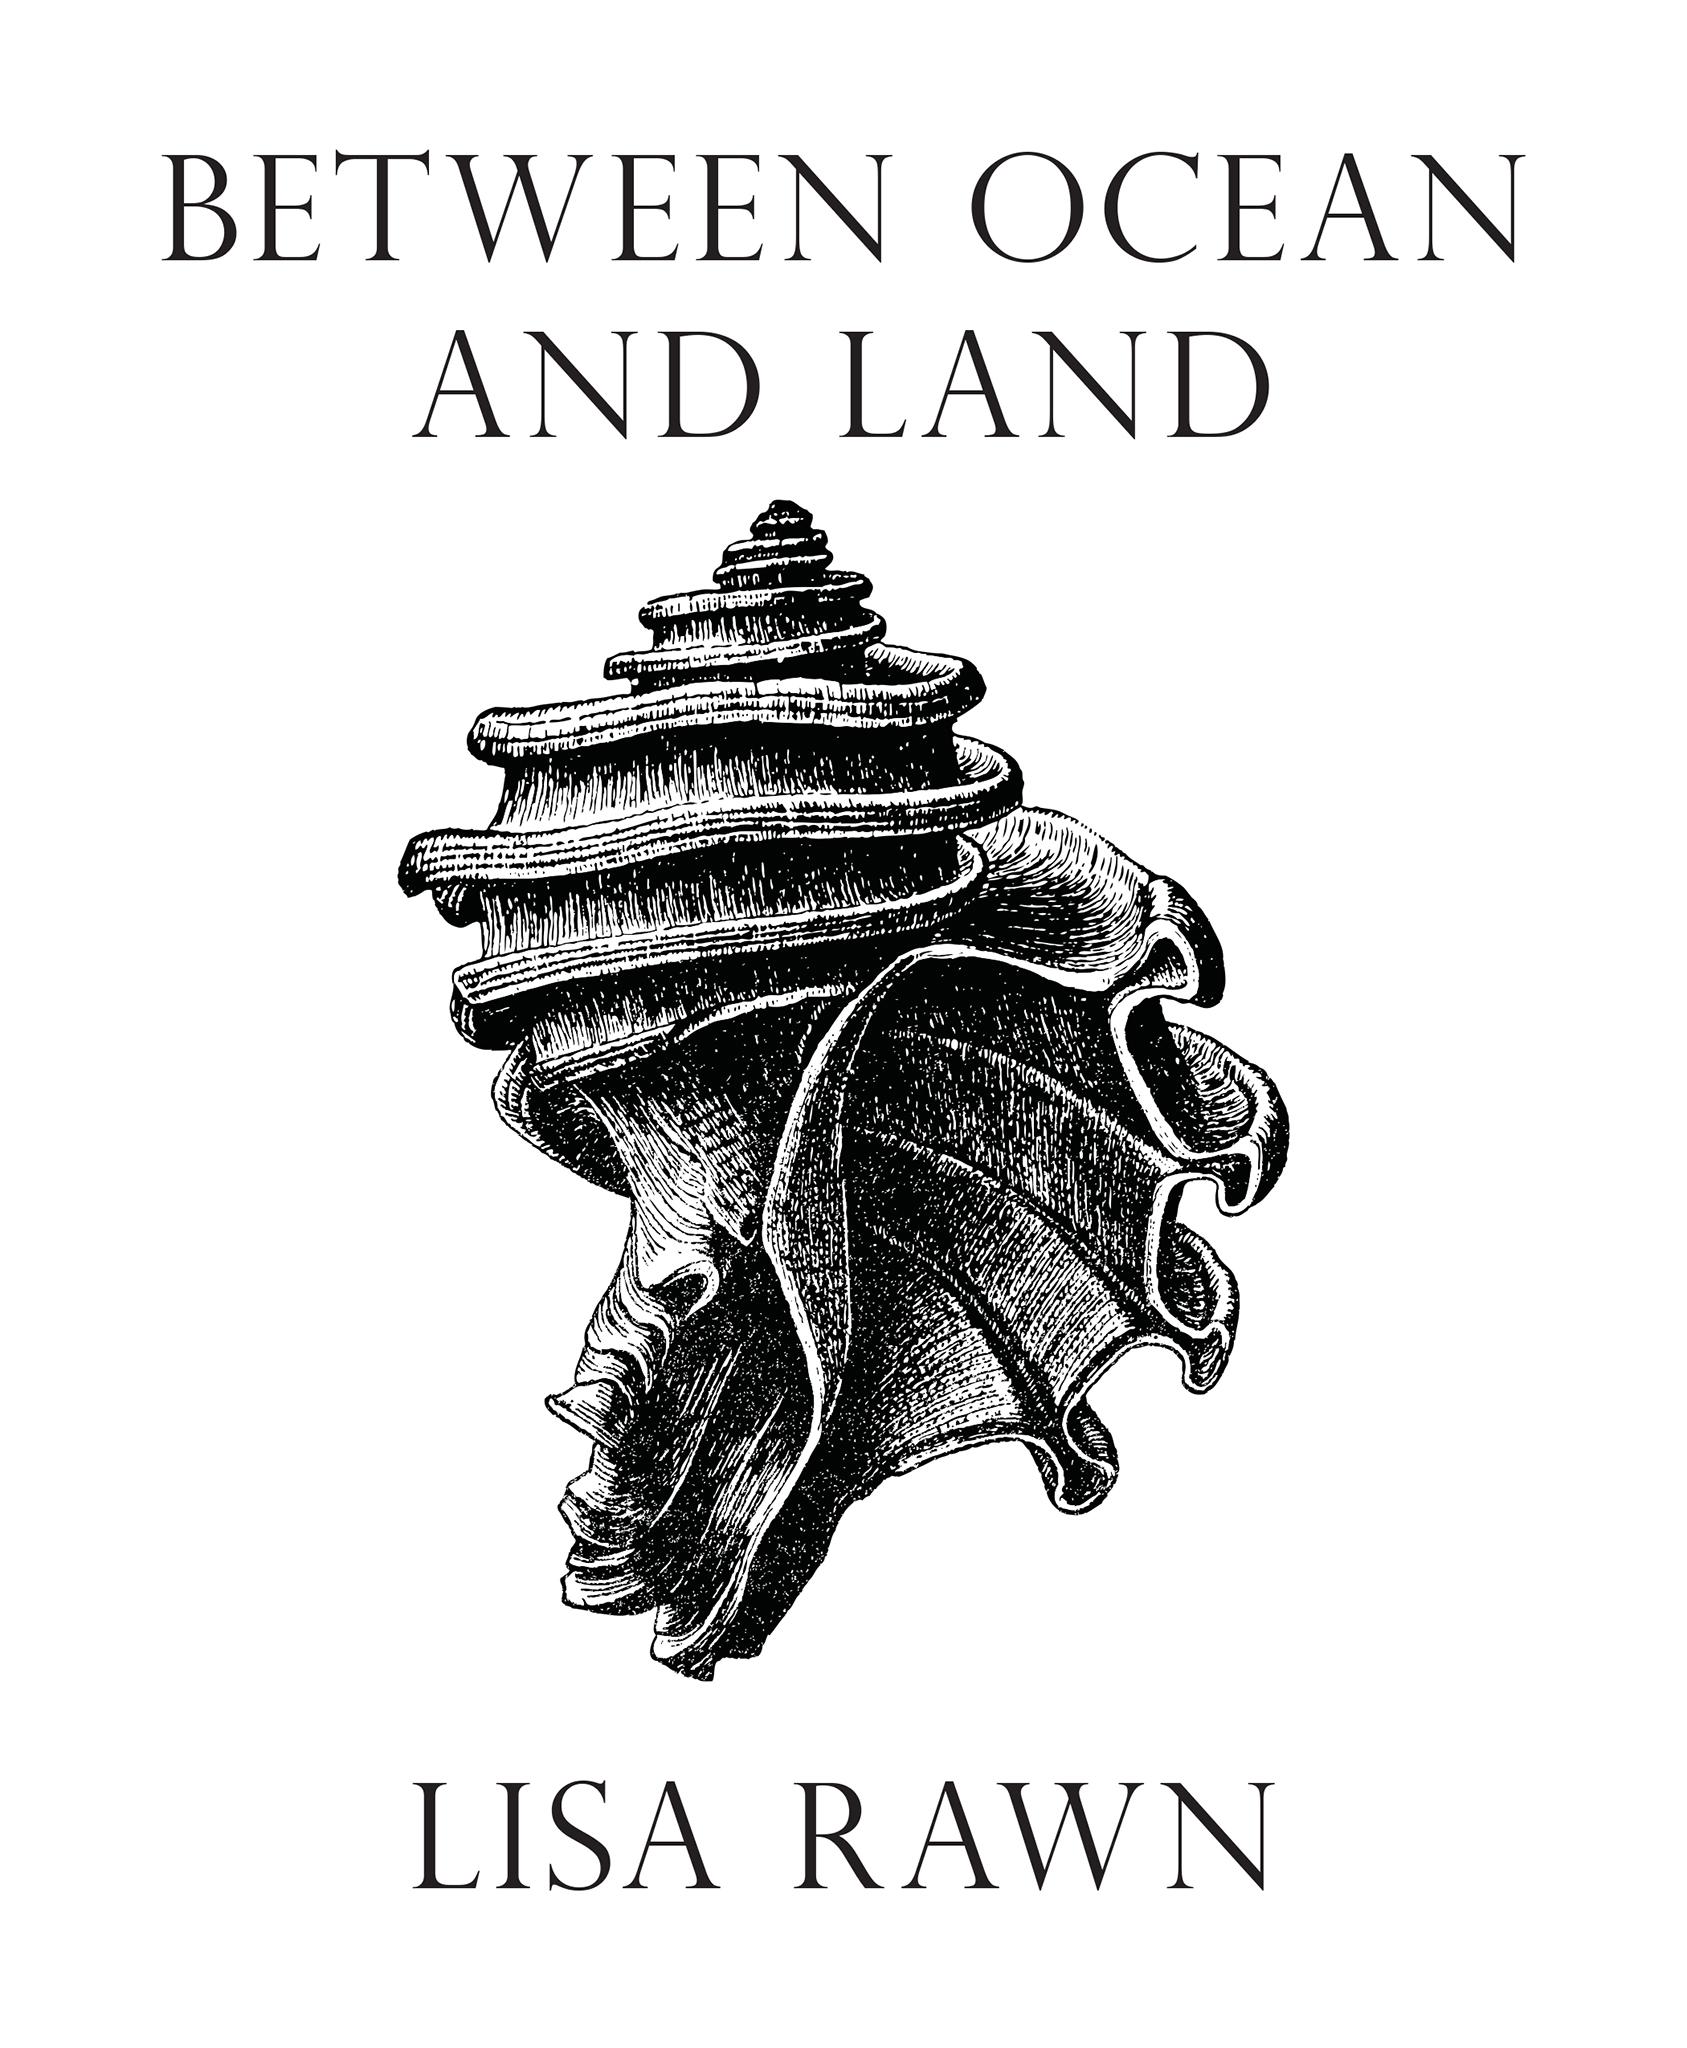 Between Ocean and Land